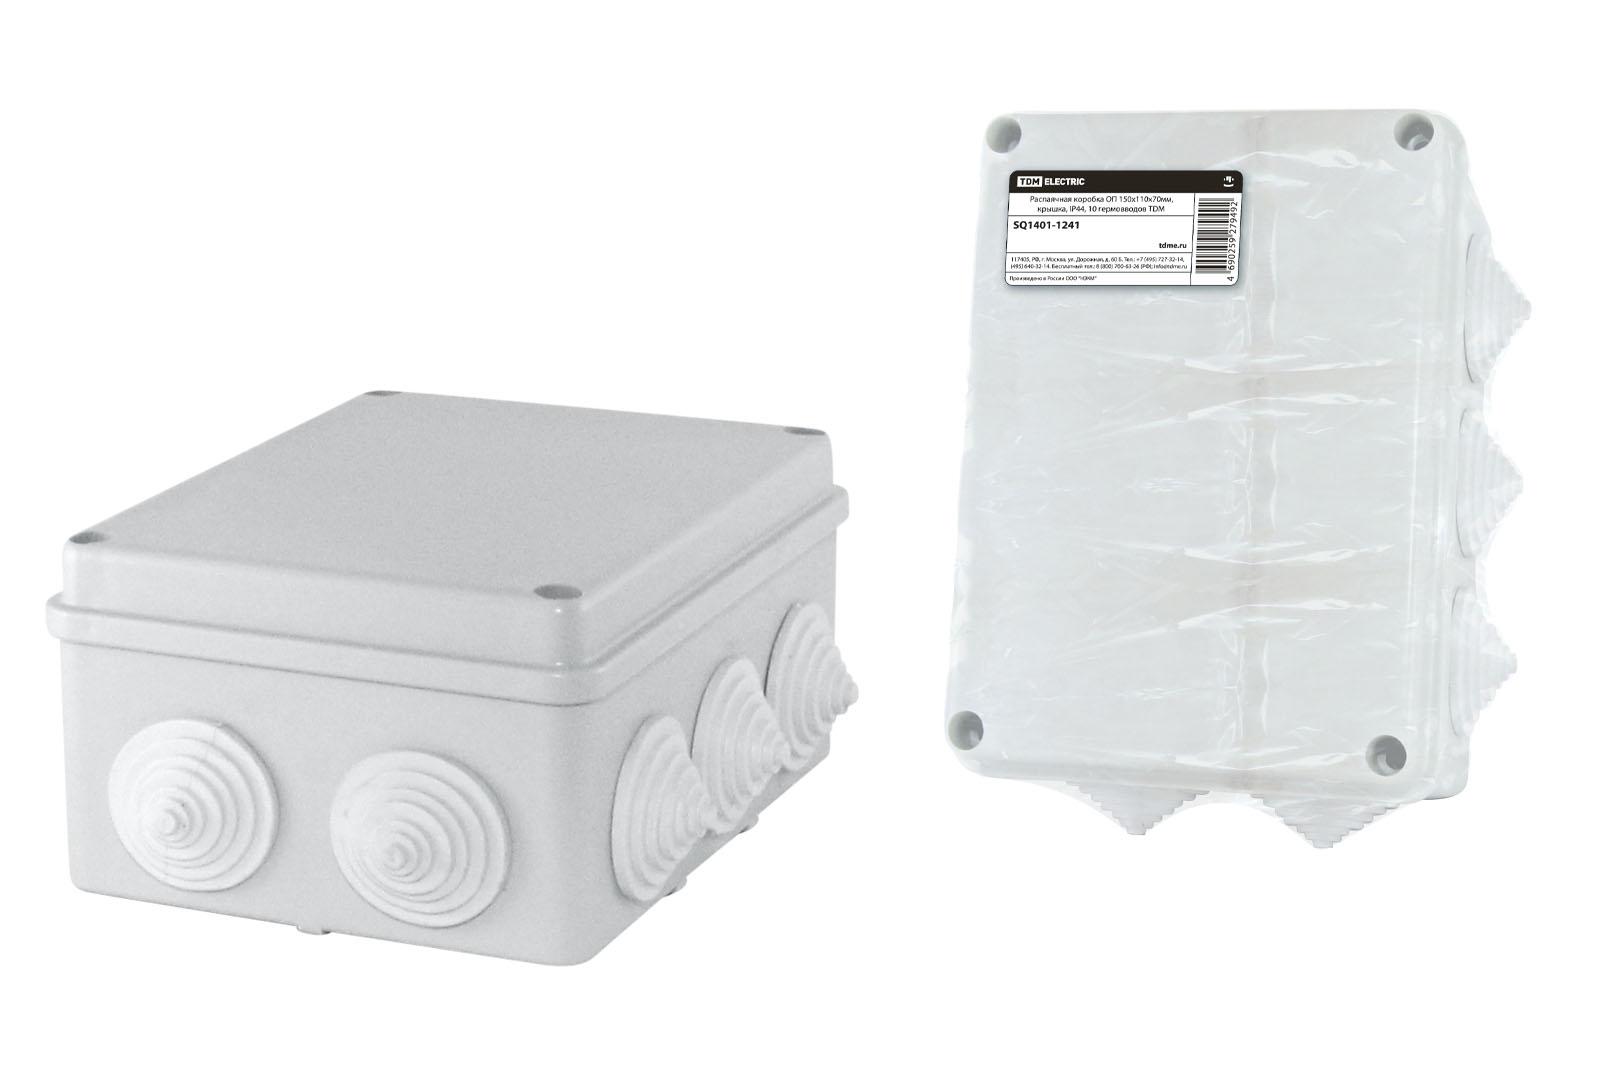 Коробка распаячная Tdm Sq1401-1241